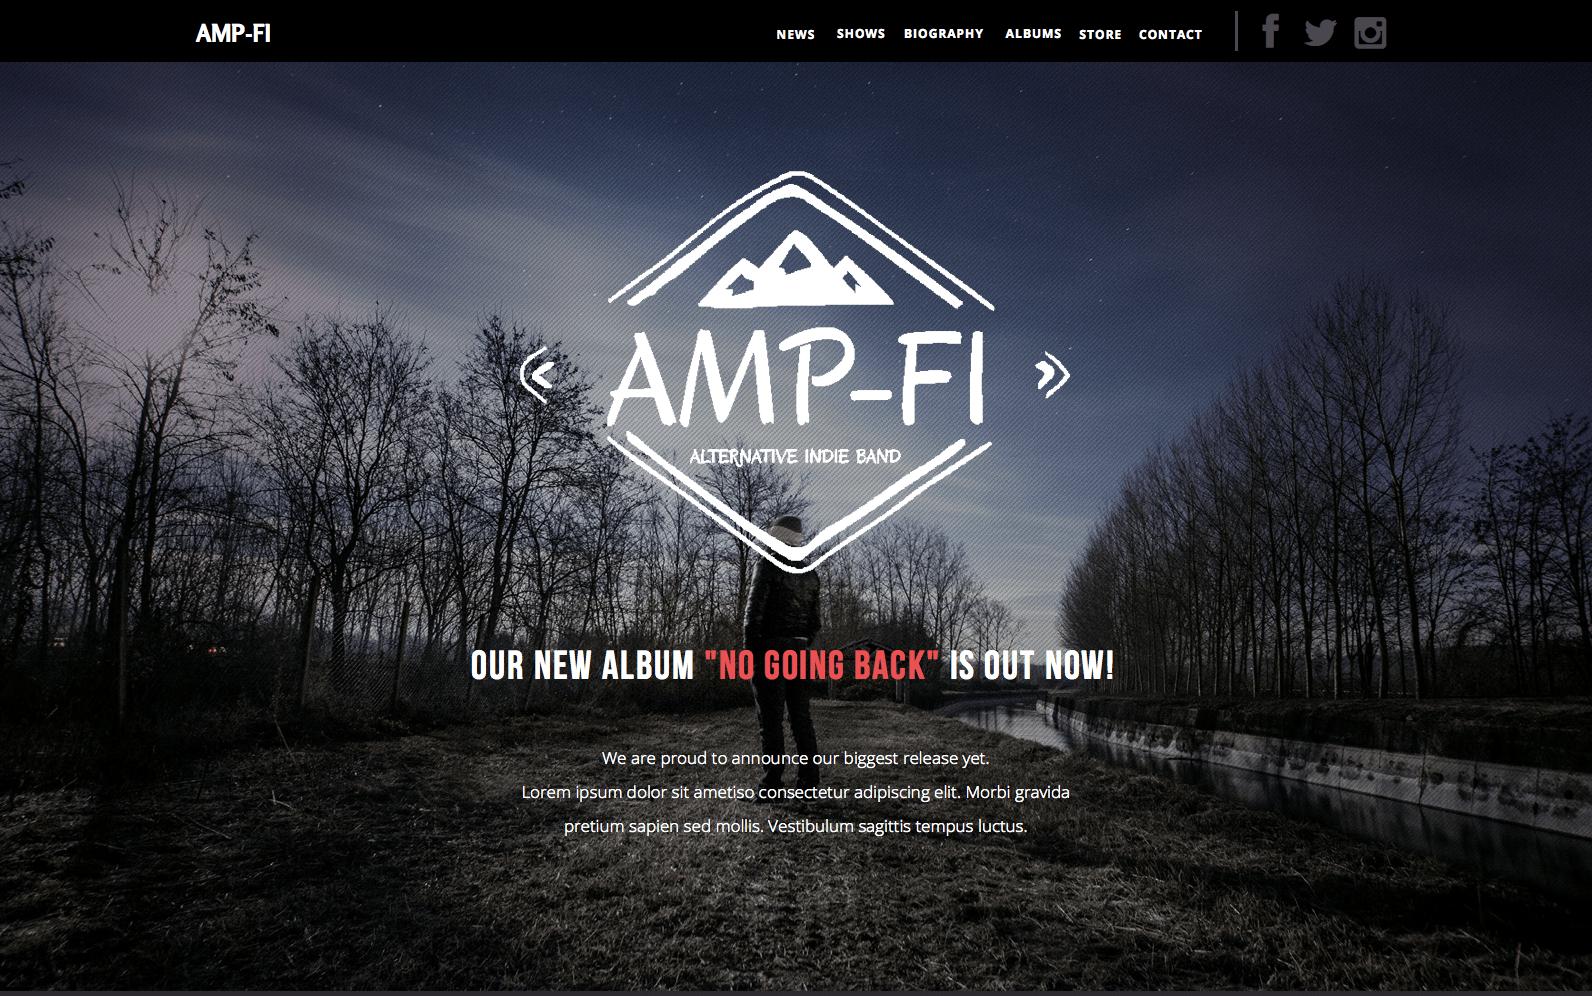 Amp-Fi - OnePage Music Band Muse Template